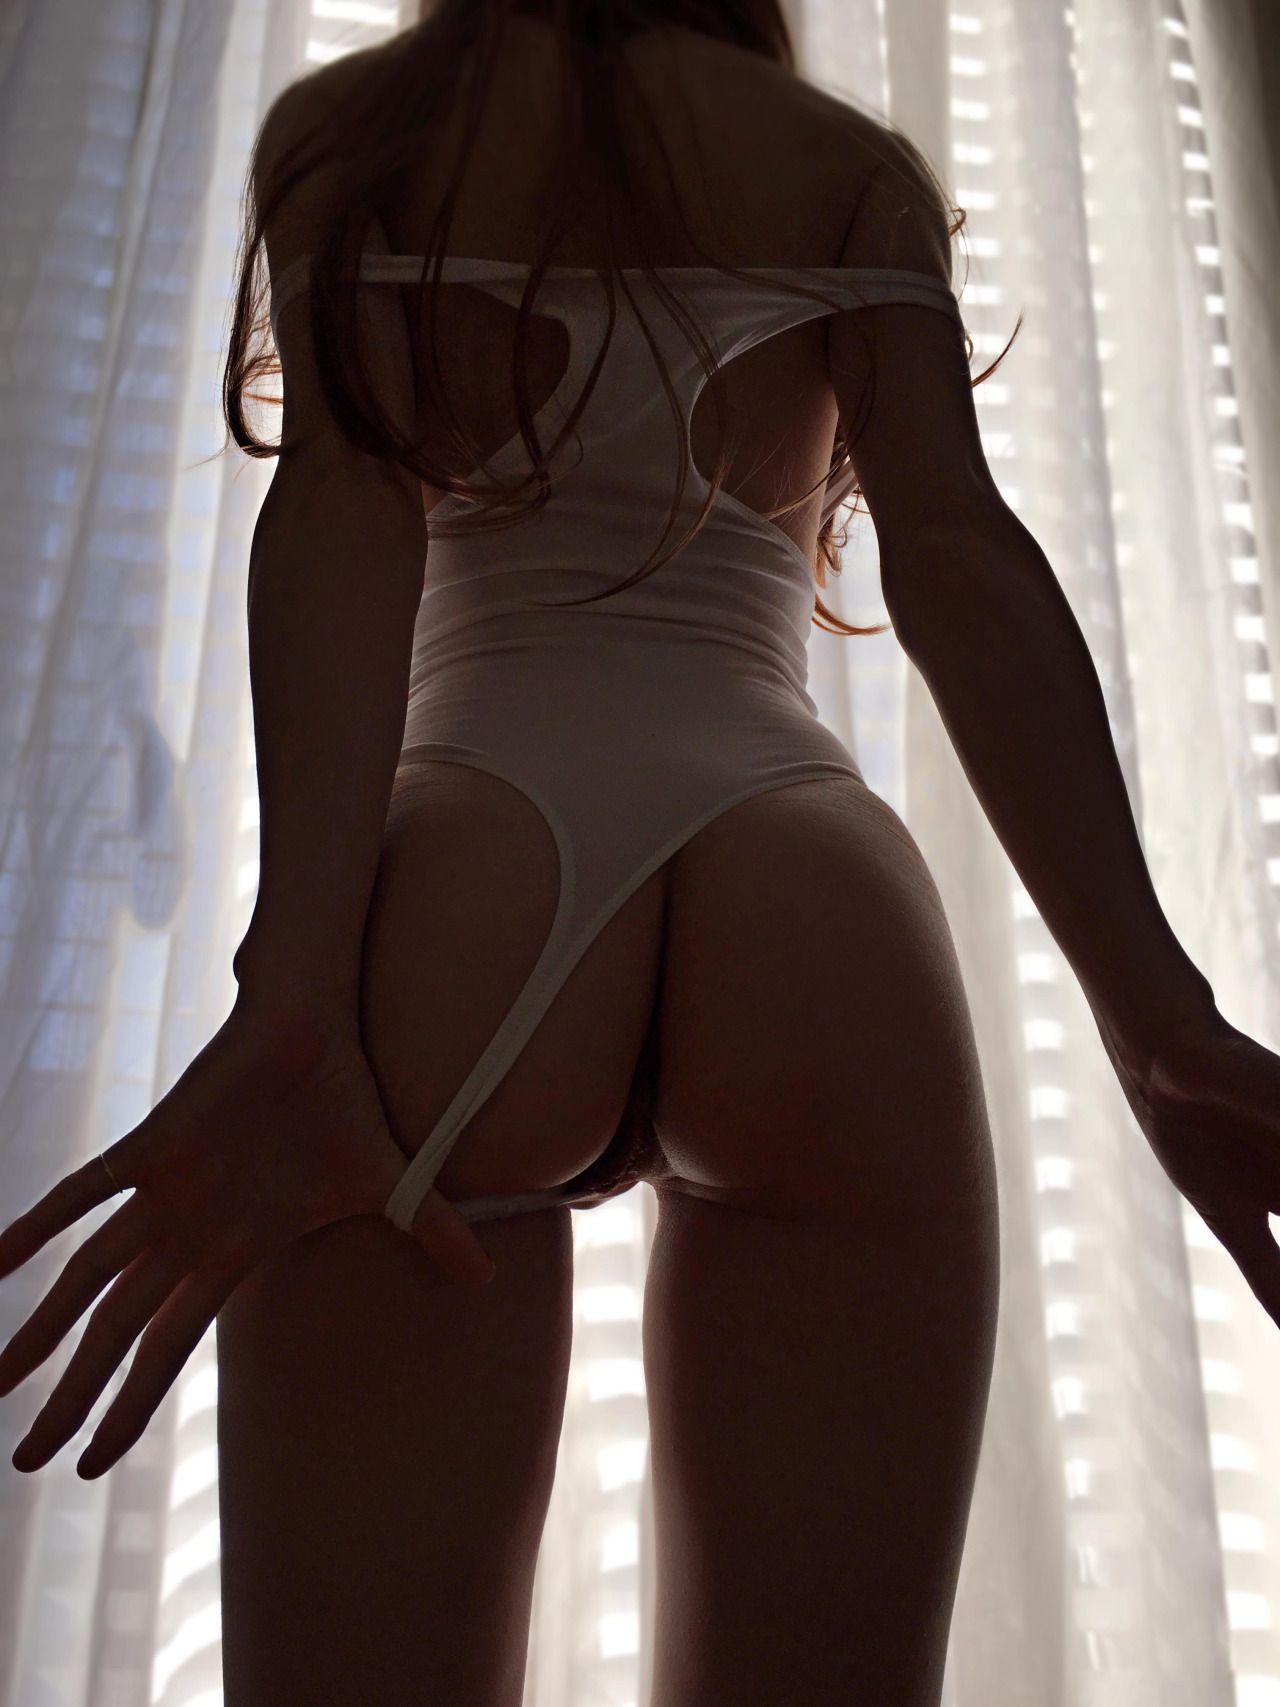 Nude amatuer ass movie scissorsex gif annie